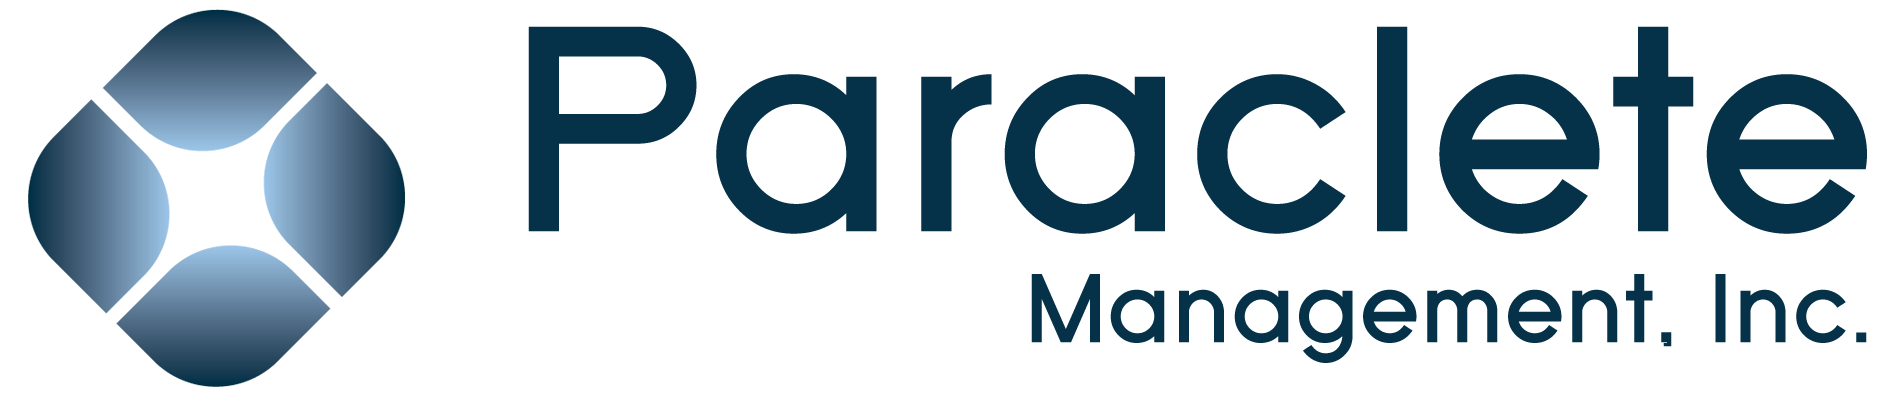 Paraclete Management